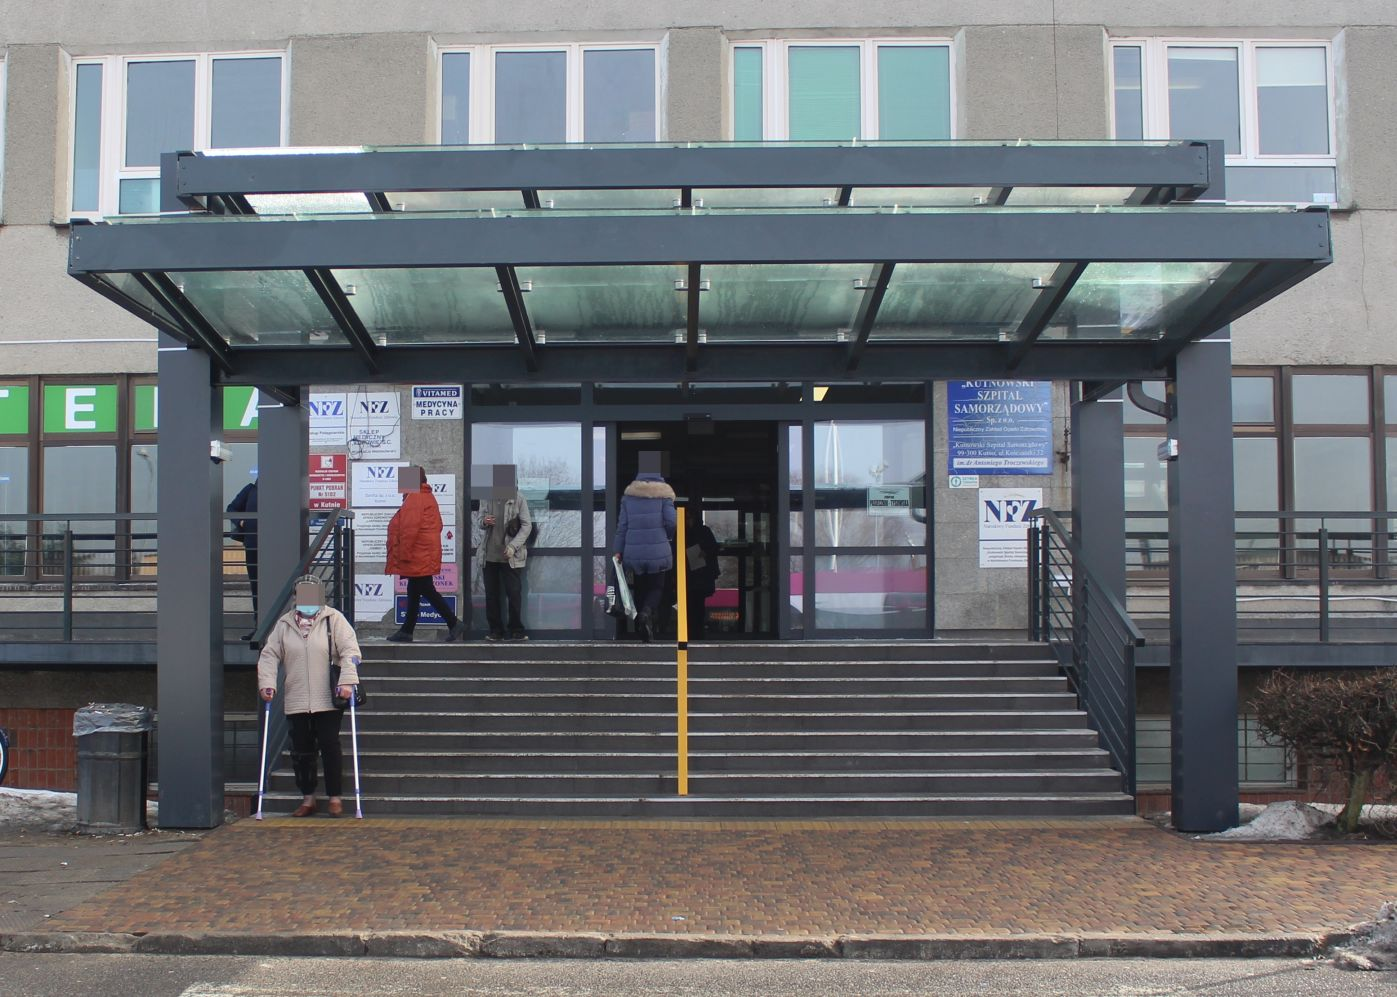 [FOTO] Tak wygląda nowe wejście do szpitala. W planach kolejne inwestycje - Zdjęcie główne